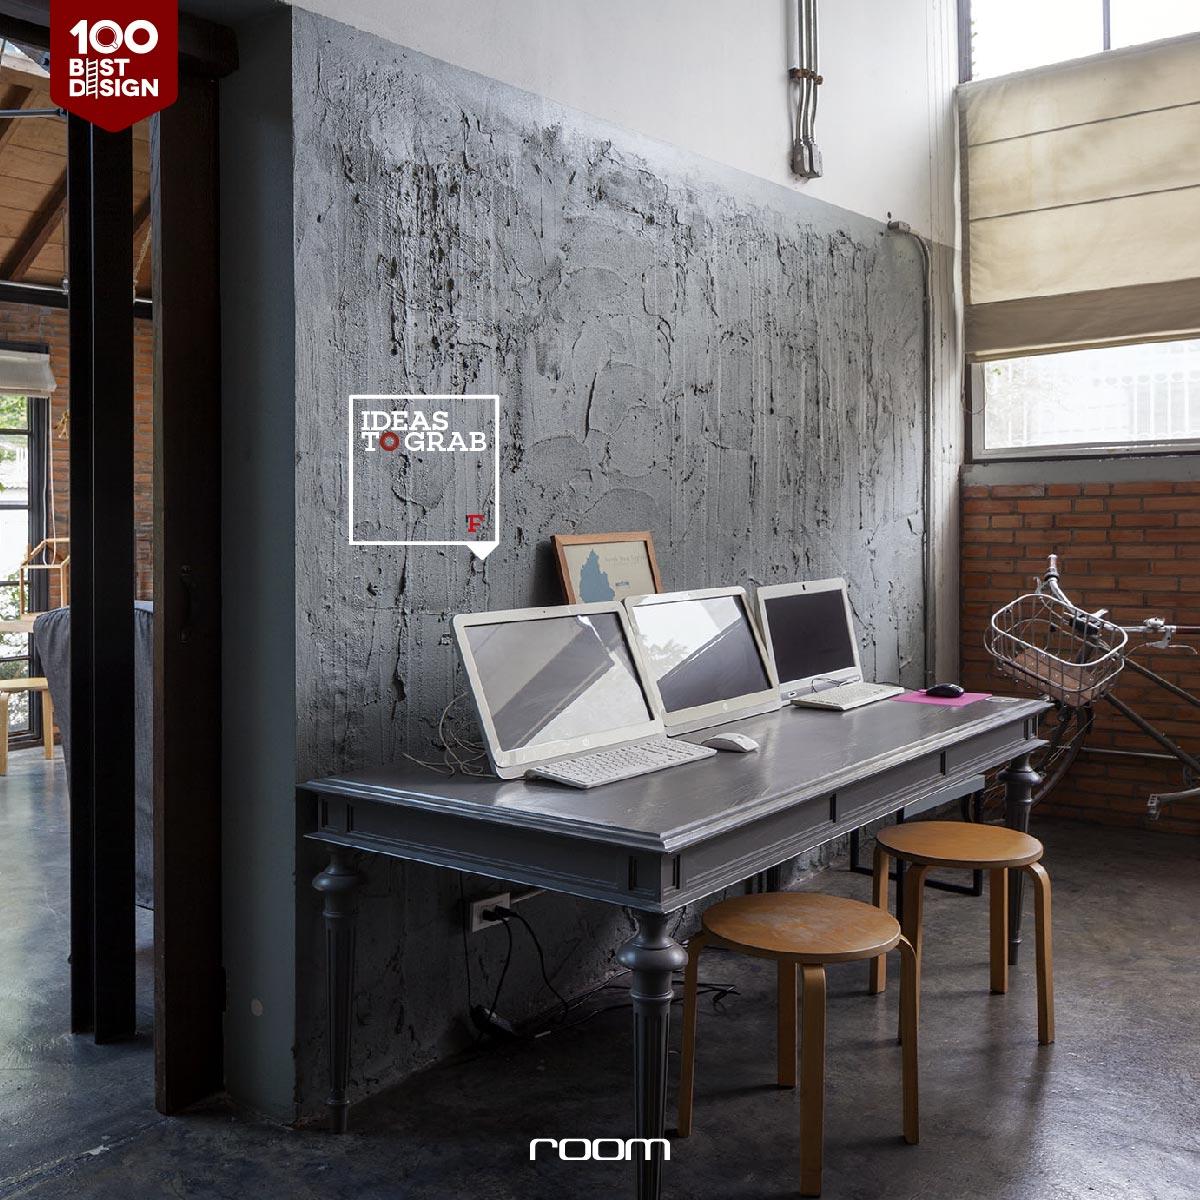 Loft Style Hostel Idea